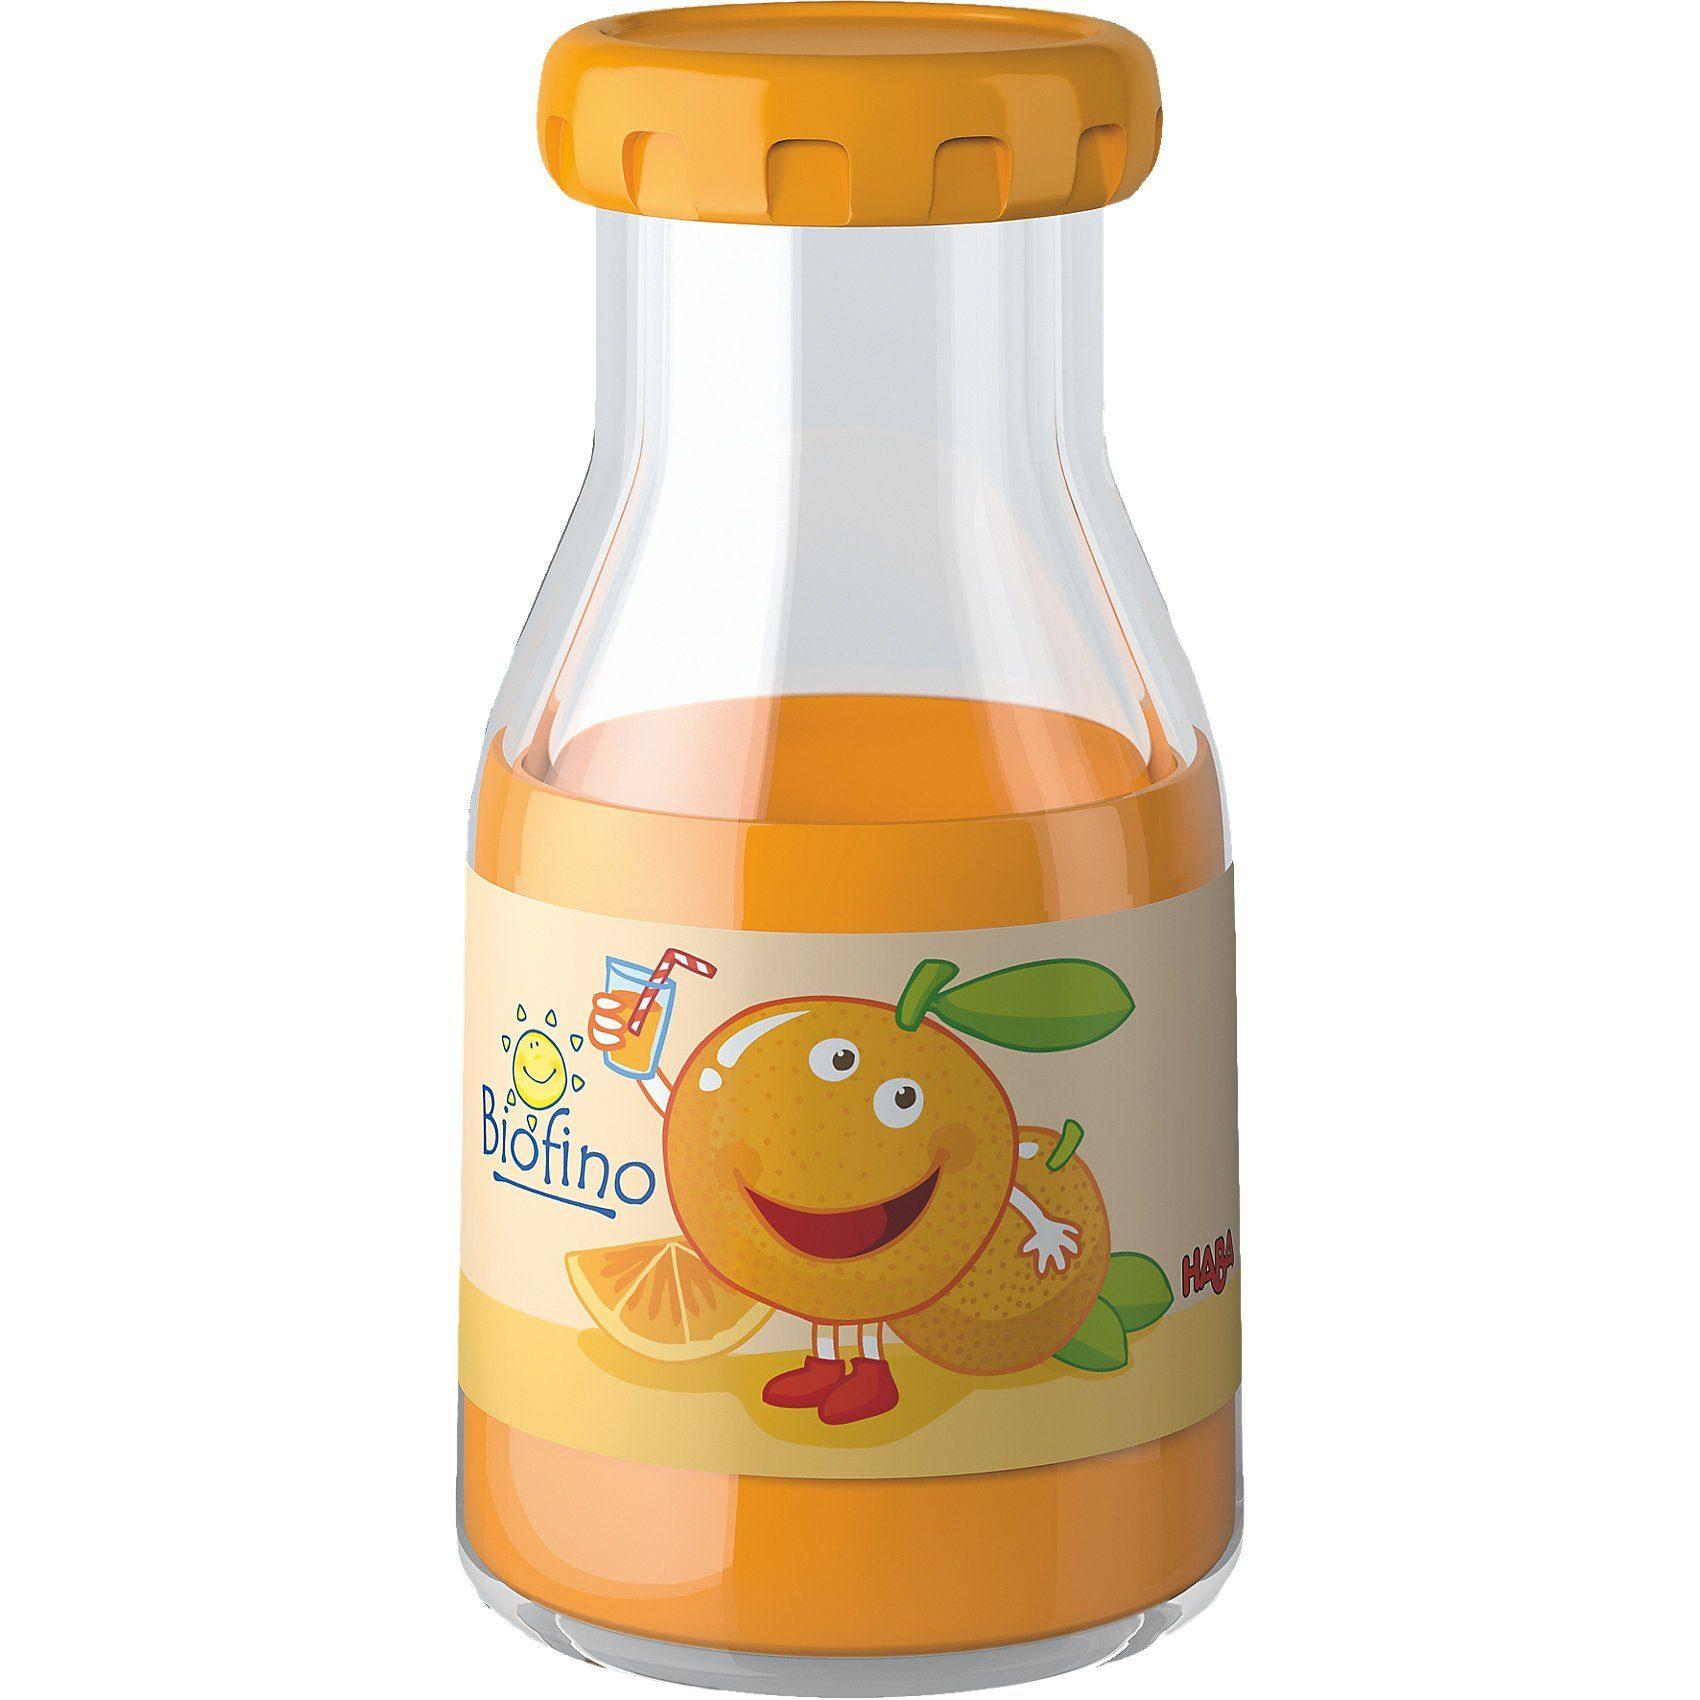 Haba 300118 Orangensaft Spiellebensmittel